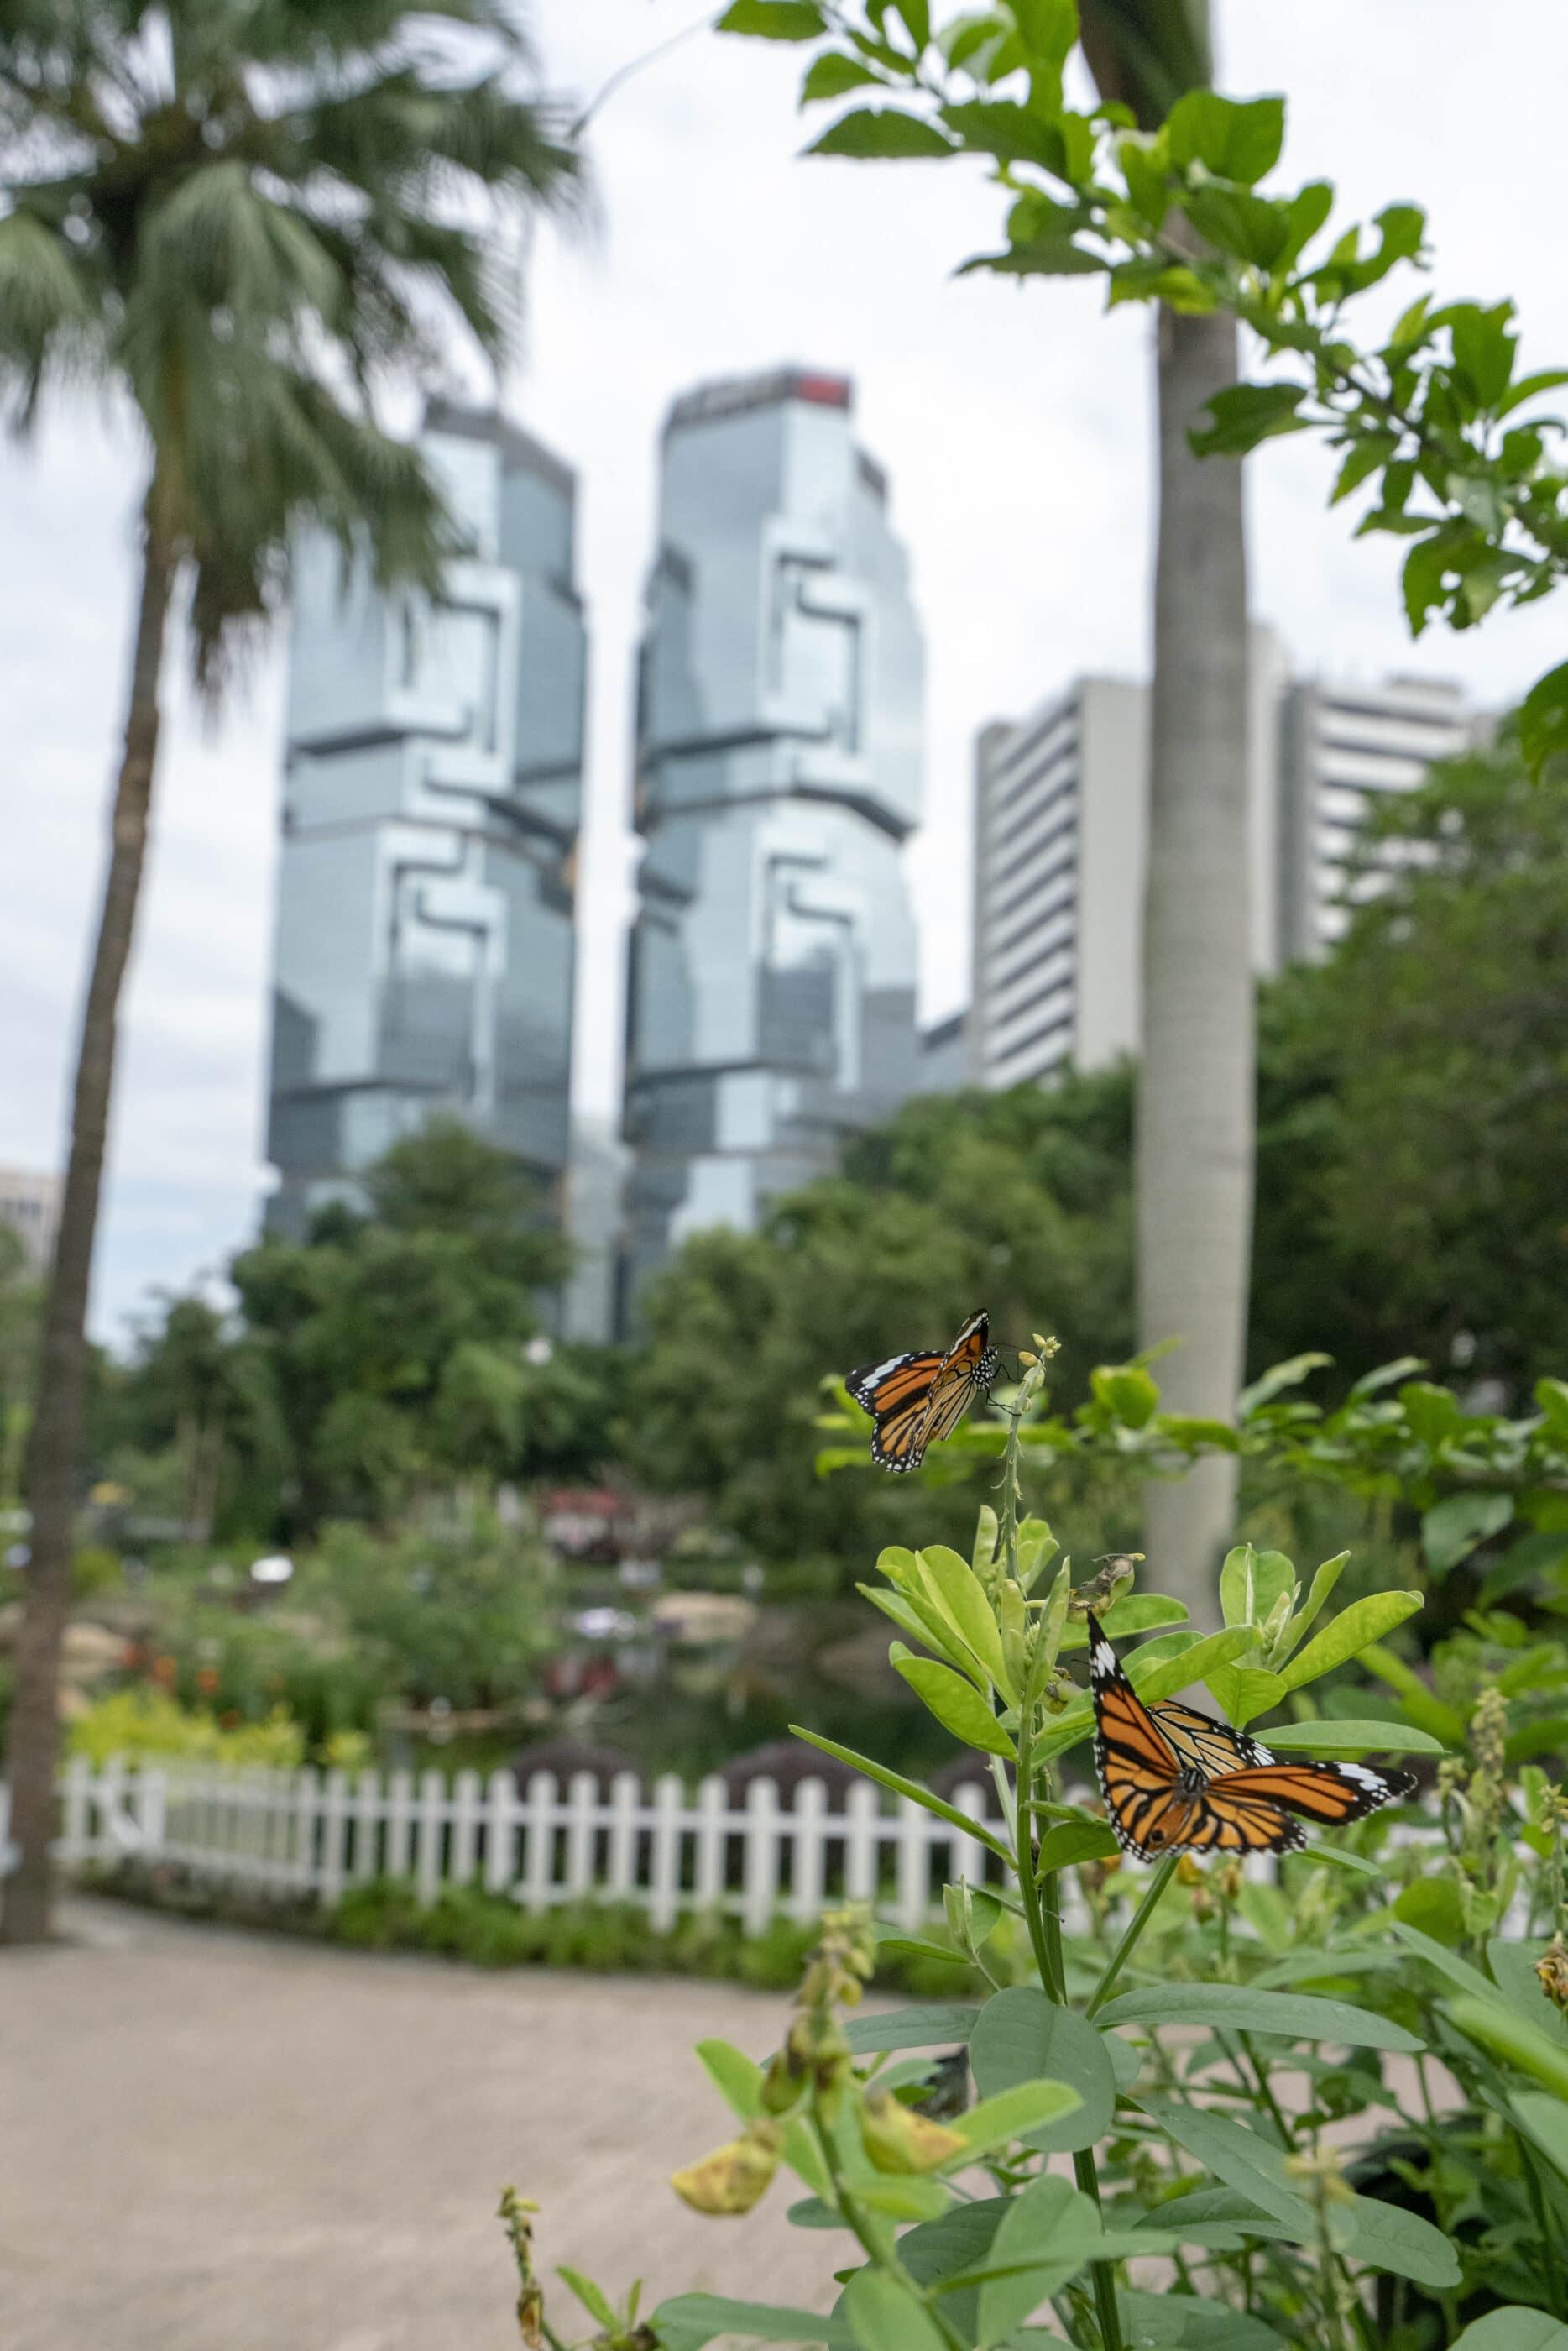 Monarch butterflies enjoy the butterfly garden in Hong Kong Park.